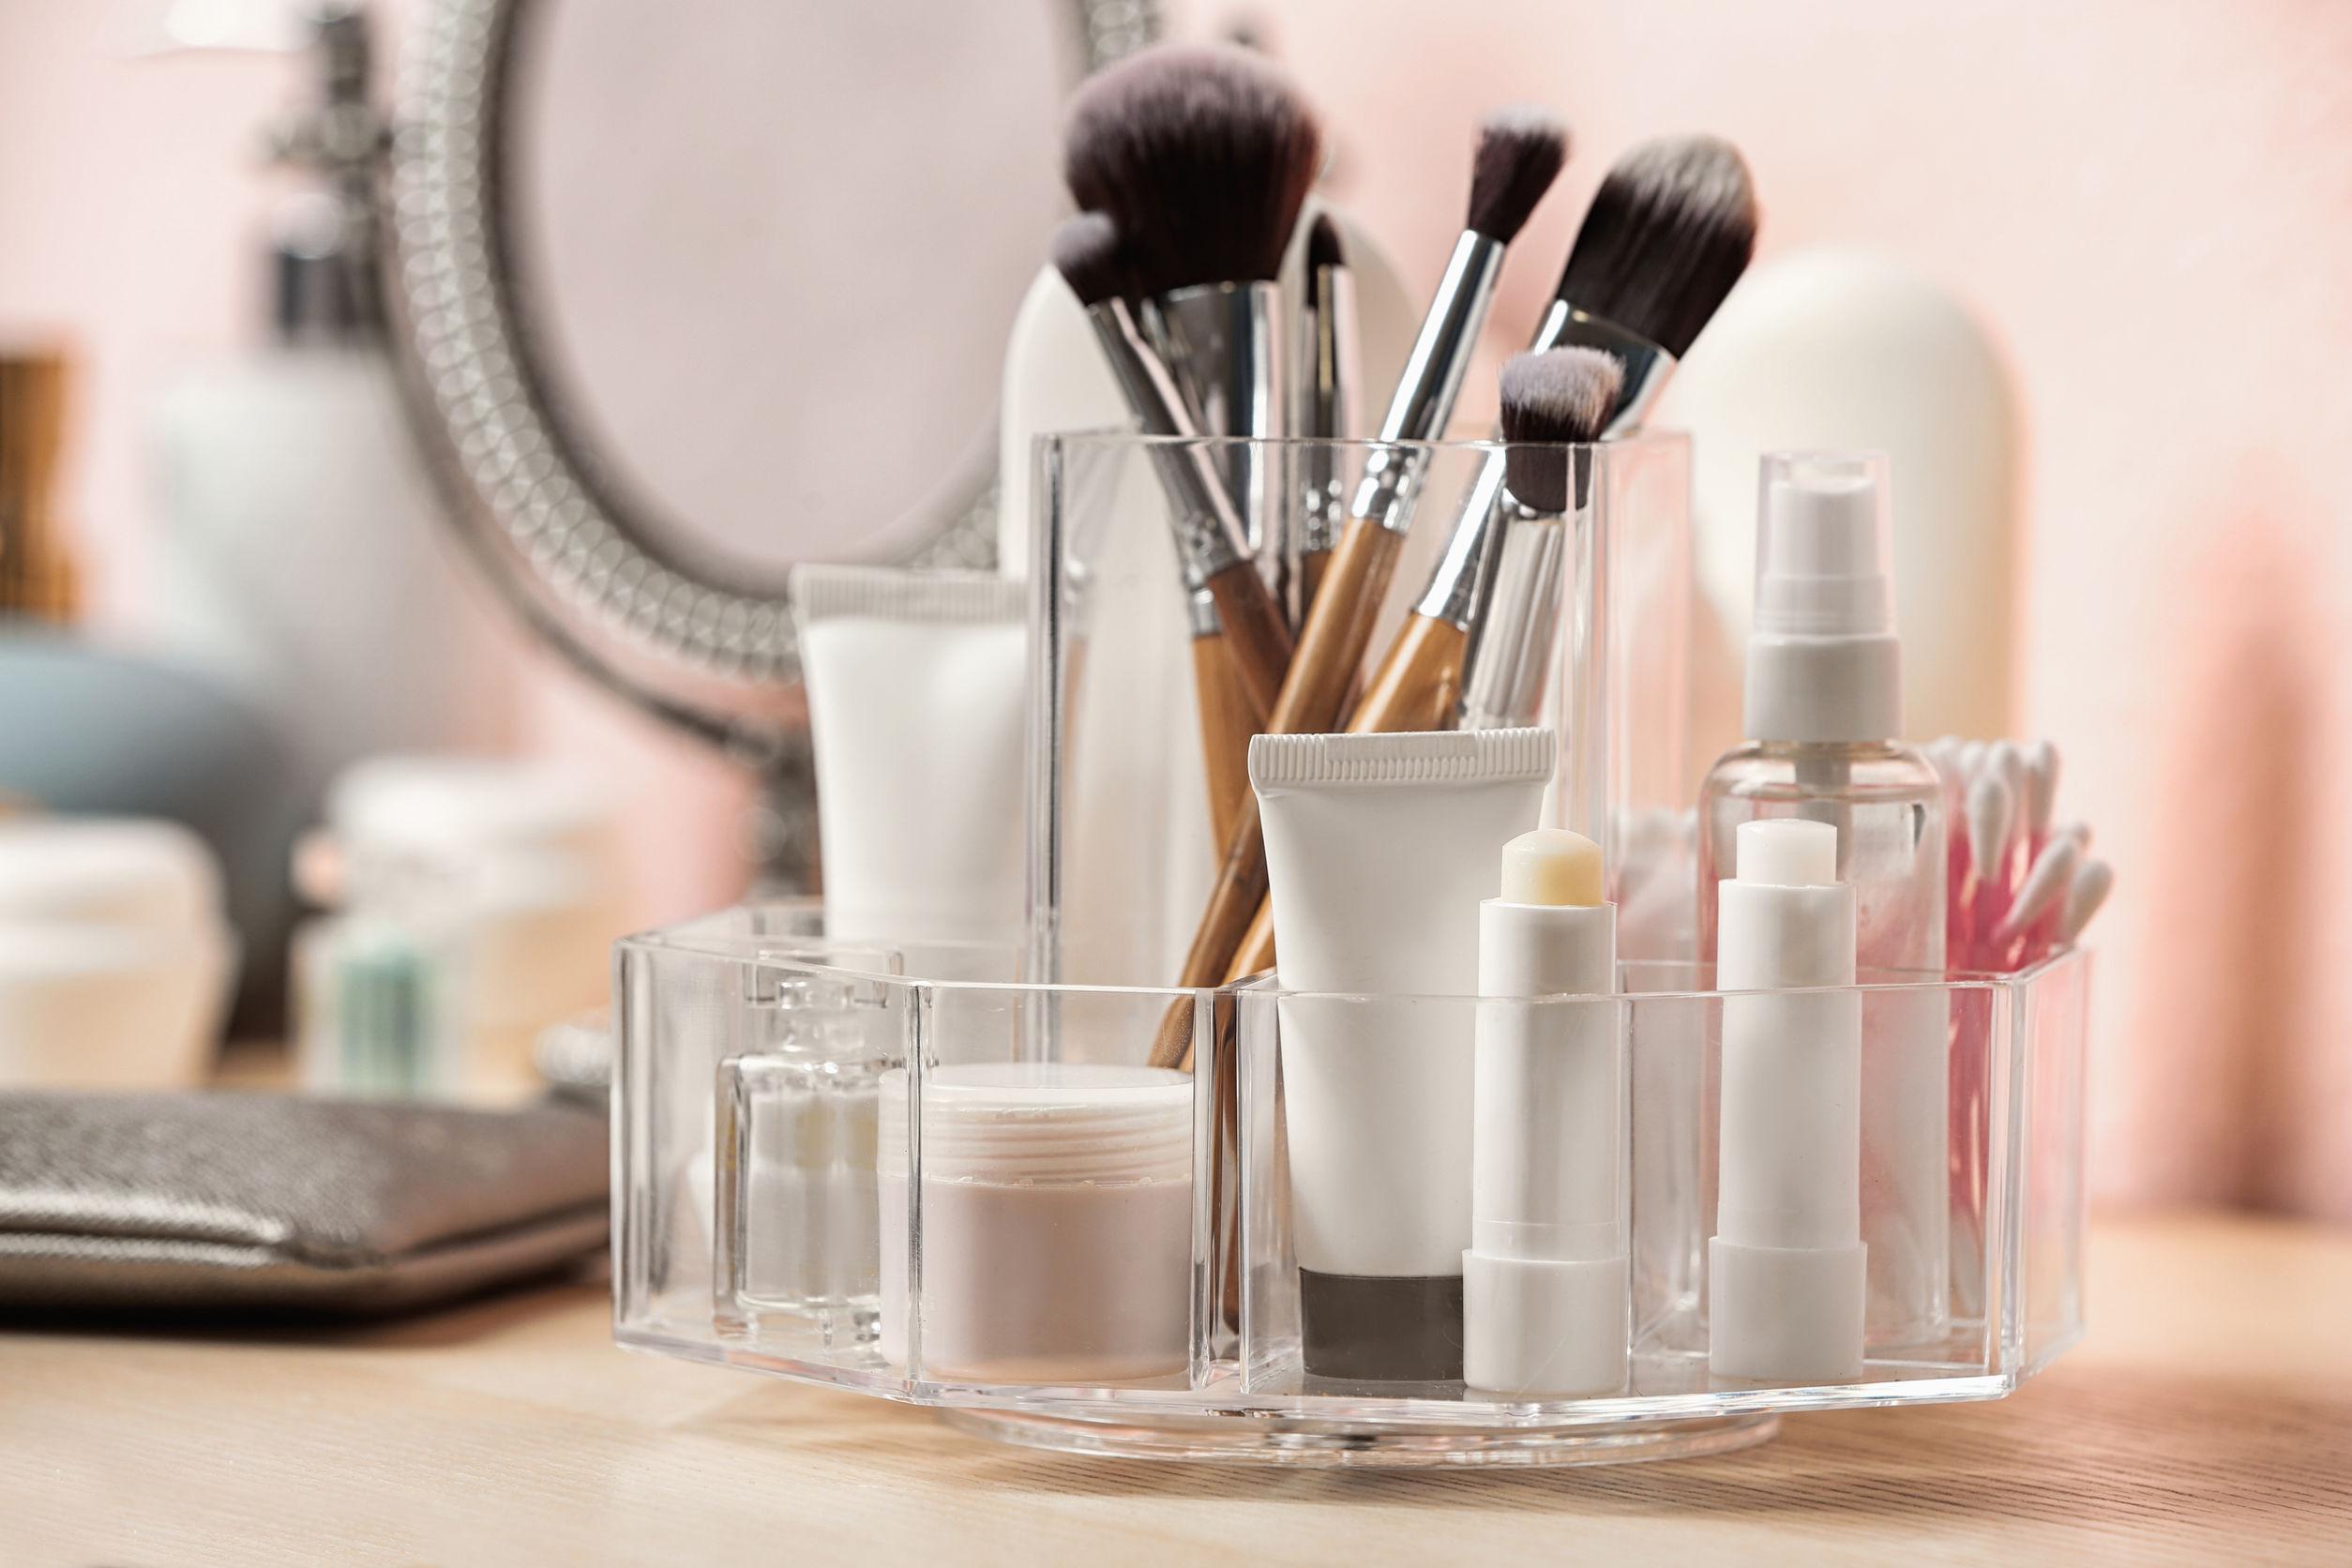 Conjunto de productos cosméticos para el cuidado del cuerpo en el tocador